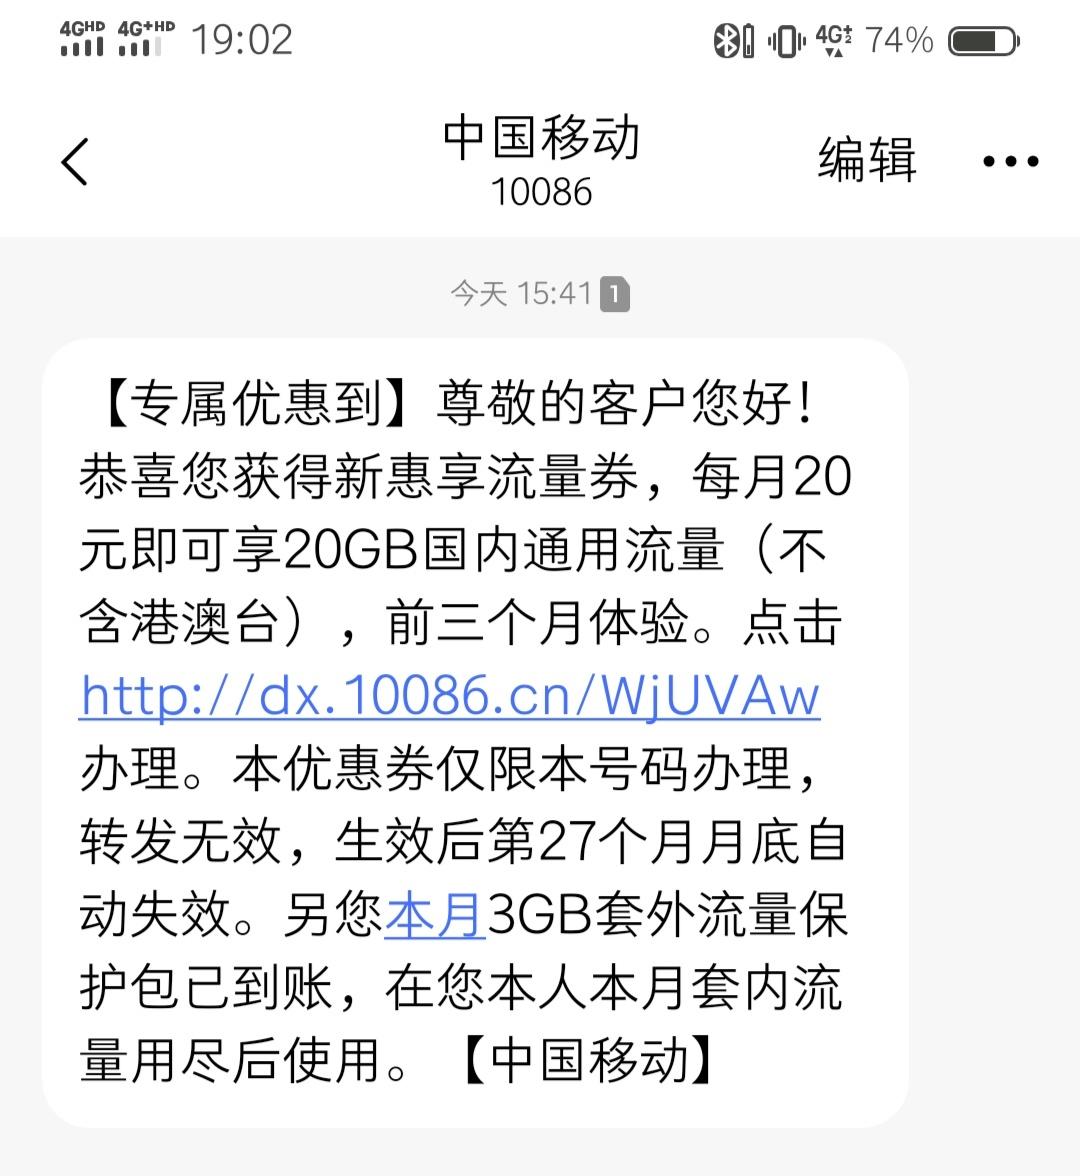 葡京娱乐场买彩票 - 湖南2省管领导干部被双开,其中一名省发改委党组成员